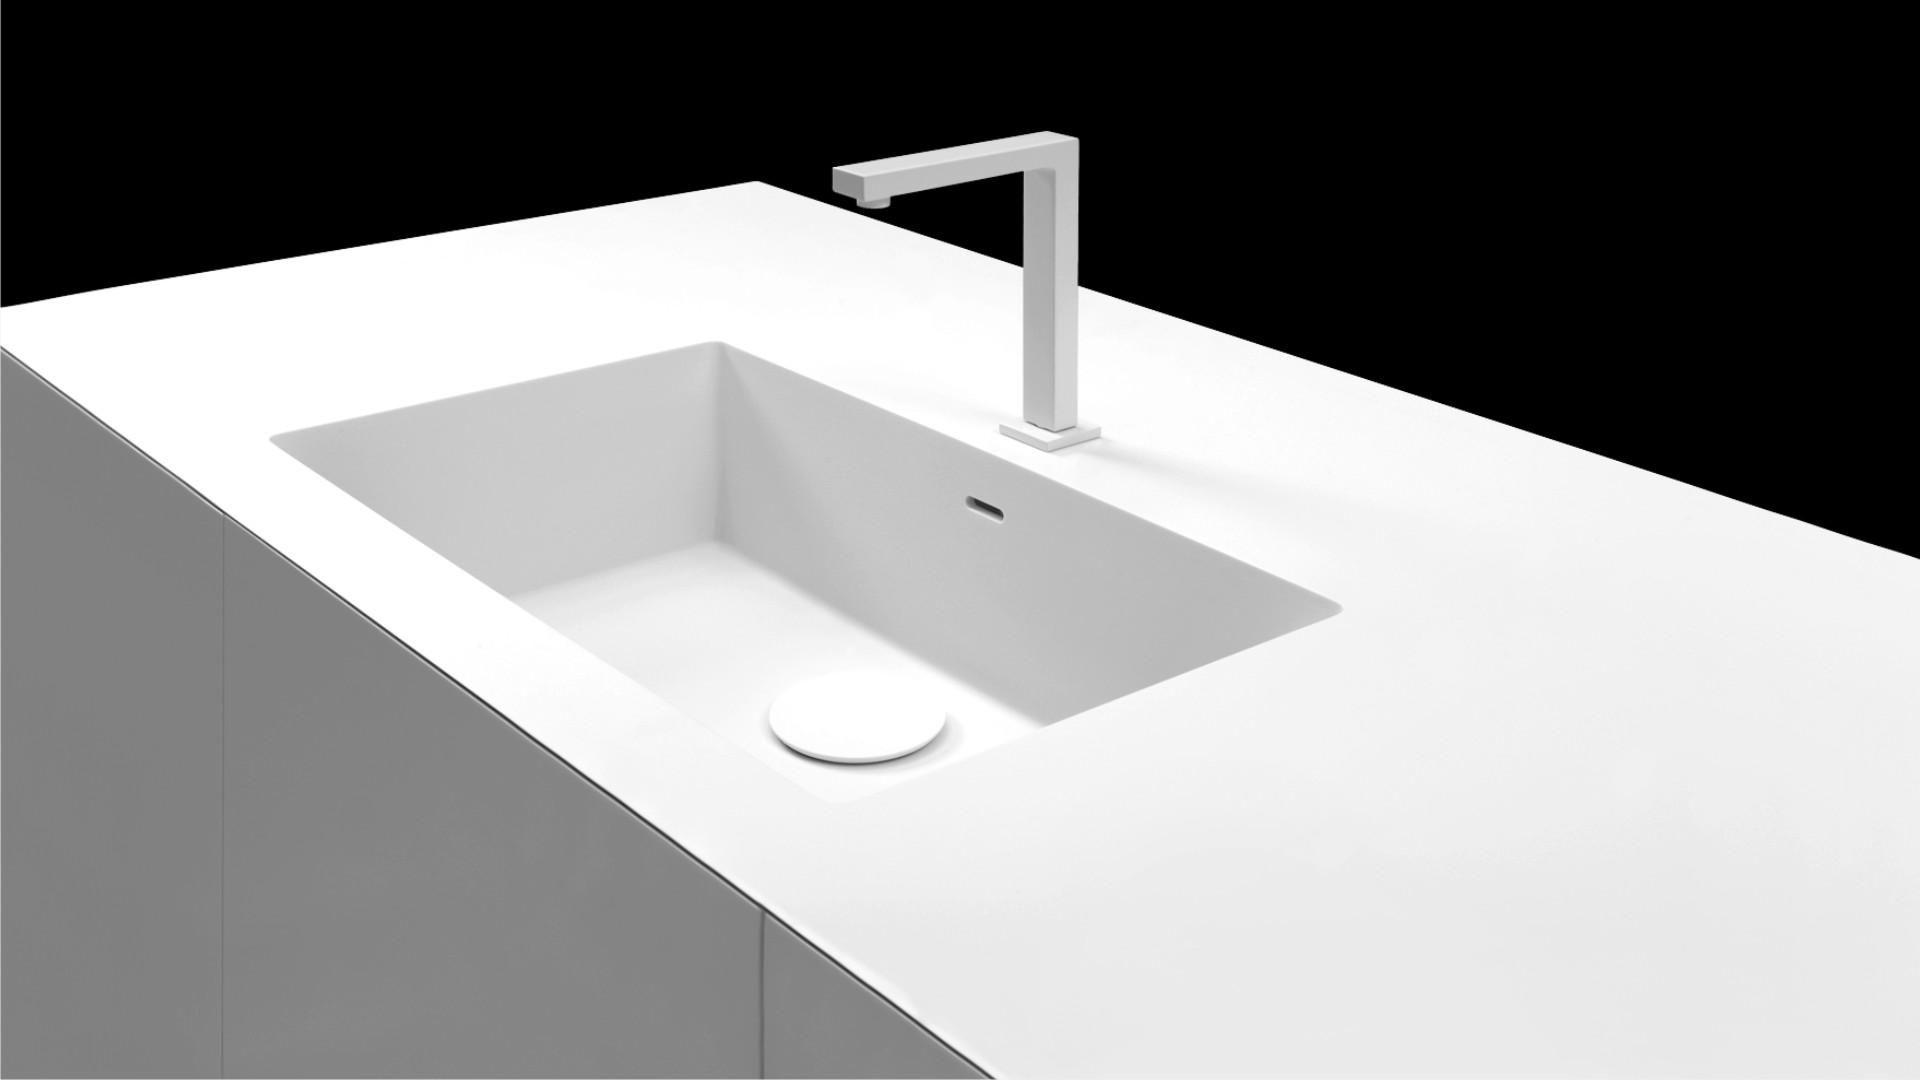 Design Cube Keuken : Showroomkeukens be alle showroomkeuken aanbiedingen uit